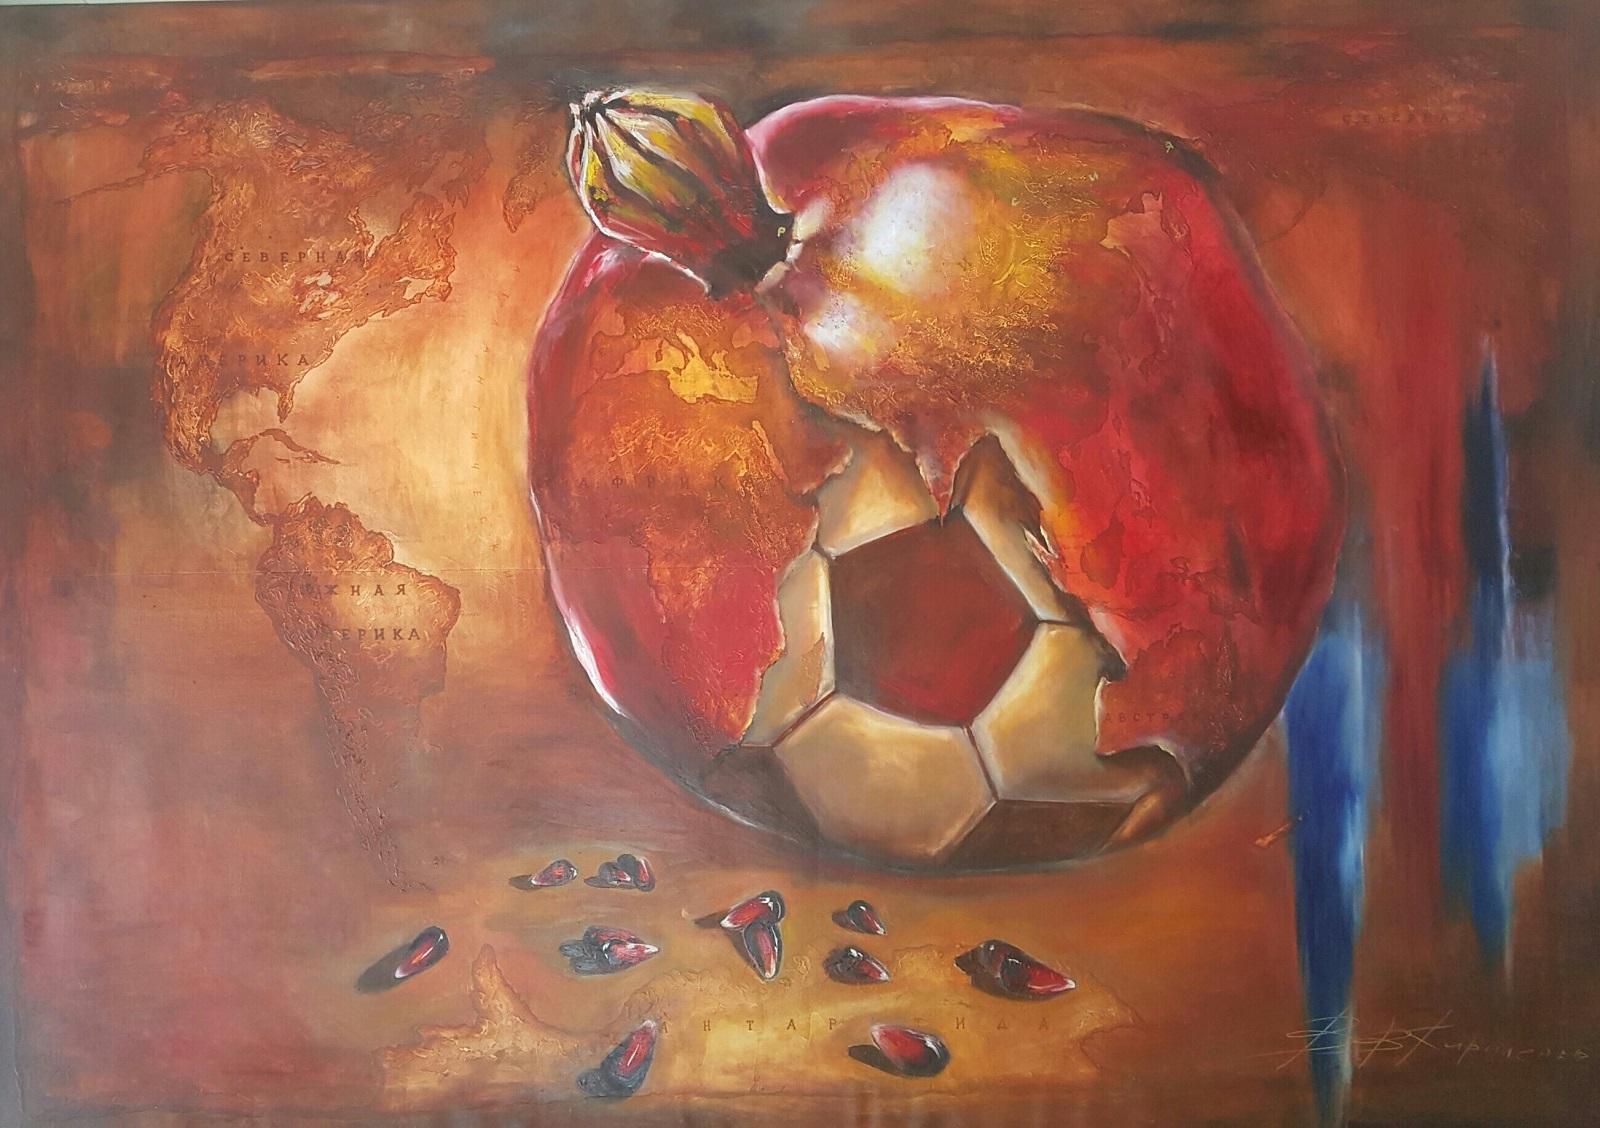 Картина-символ чемпионата мира в Сочи. © Владимир Кириленко